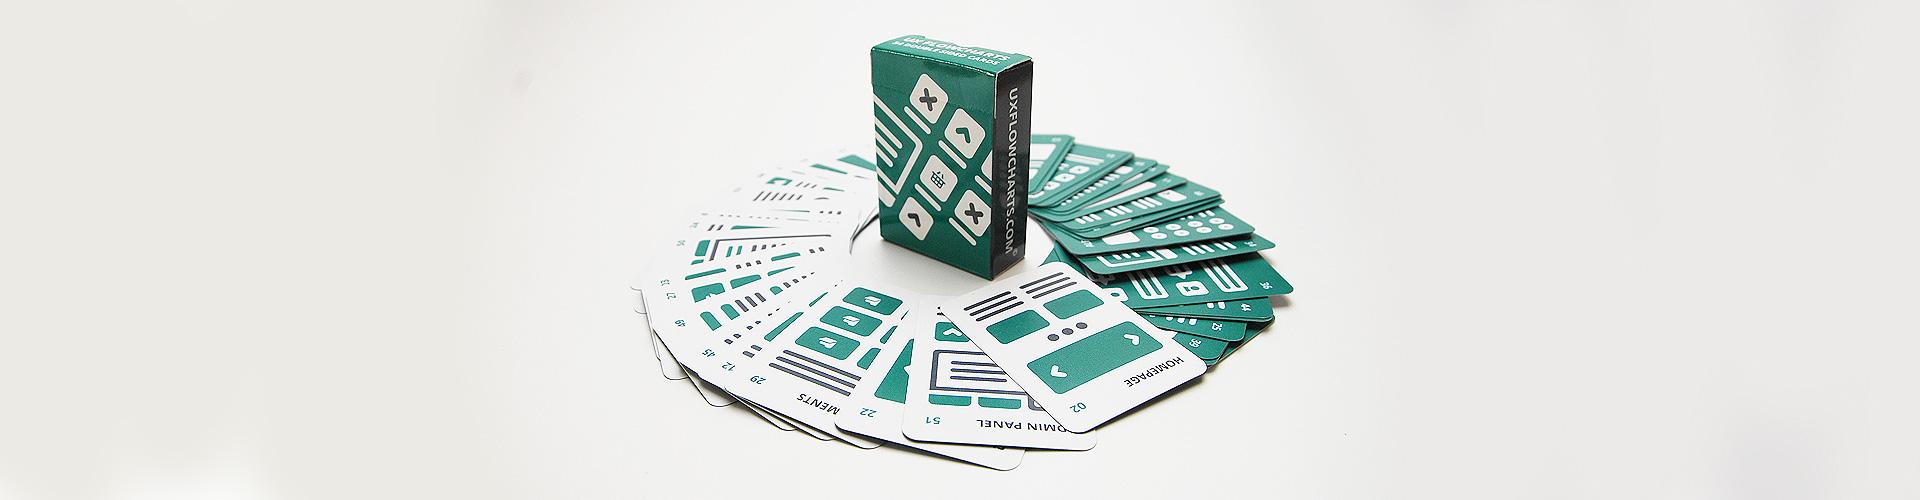 ux-flowchart-cards-4